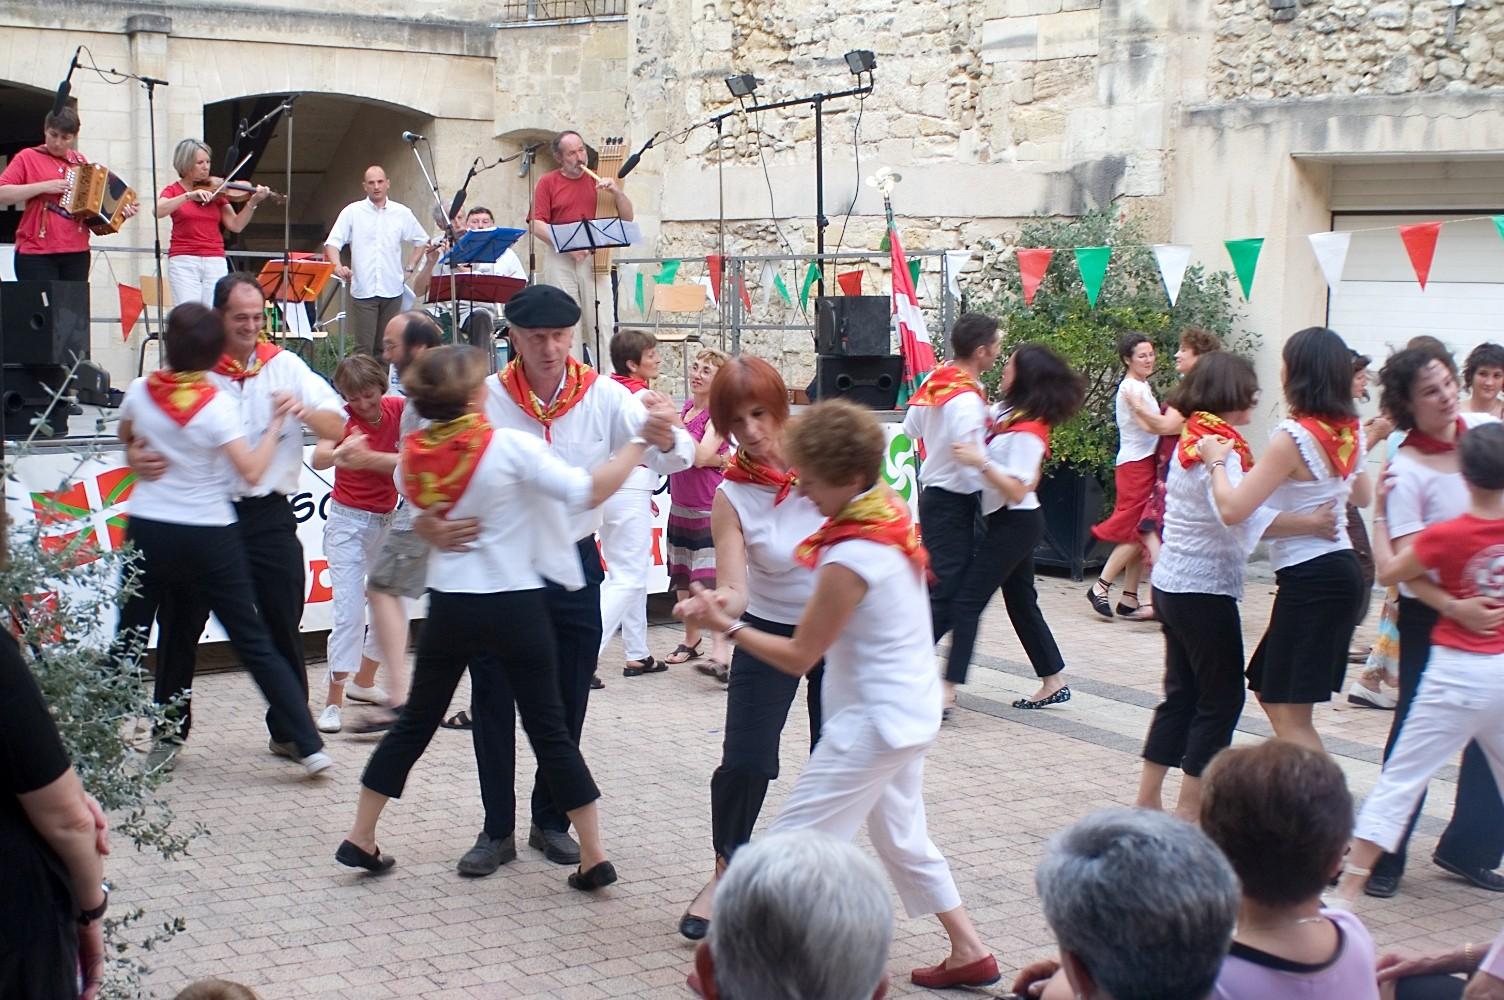 Los dantzaris de Bildu y miembros de Bestalariak se lanzaron a bailar hasta animar a los asistentes (fotos BordelekoEE)